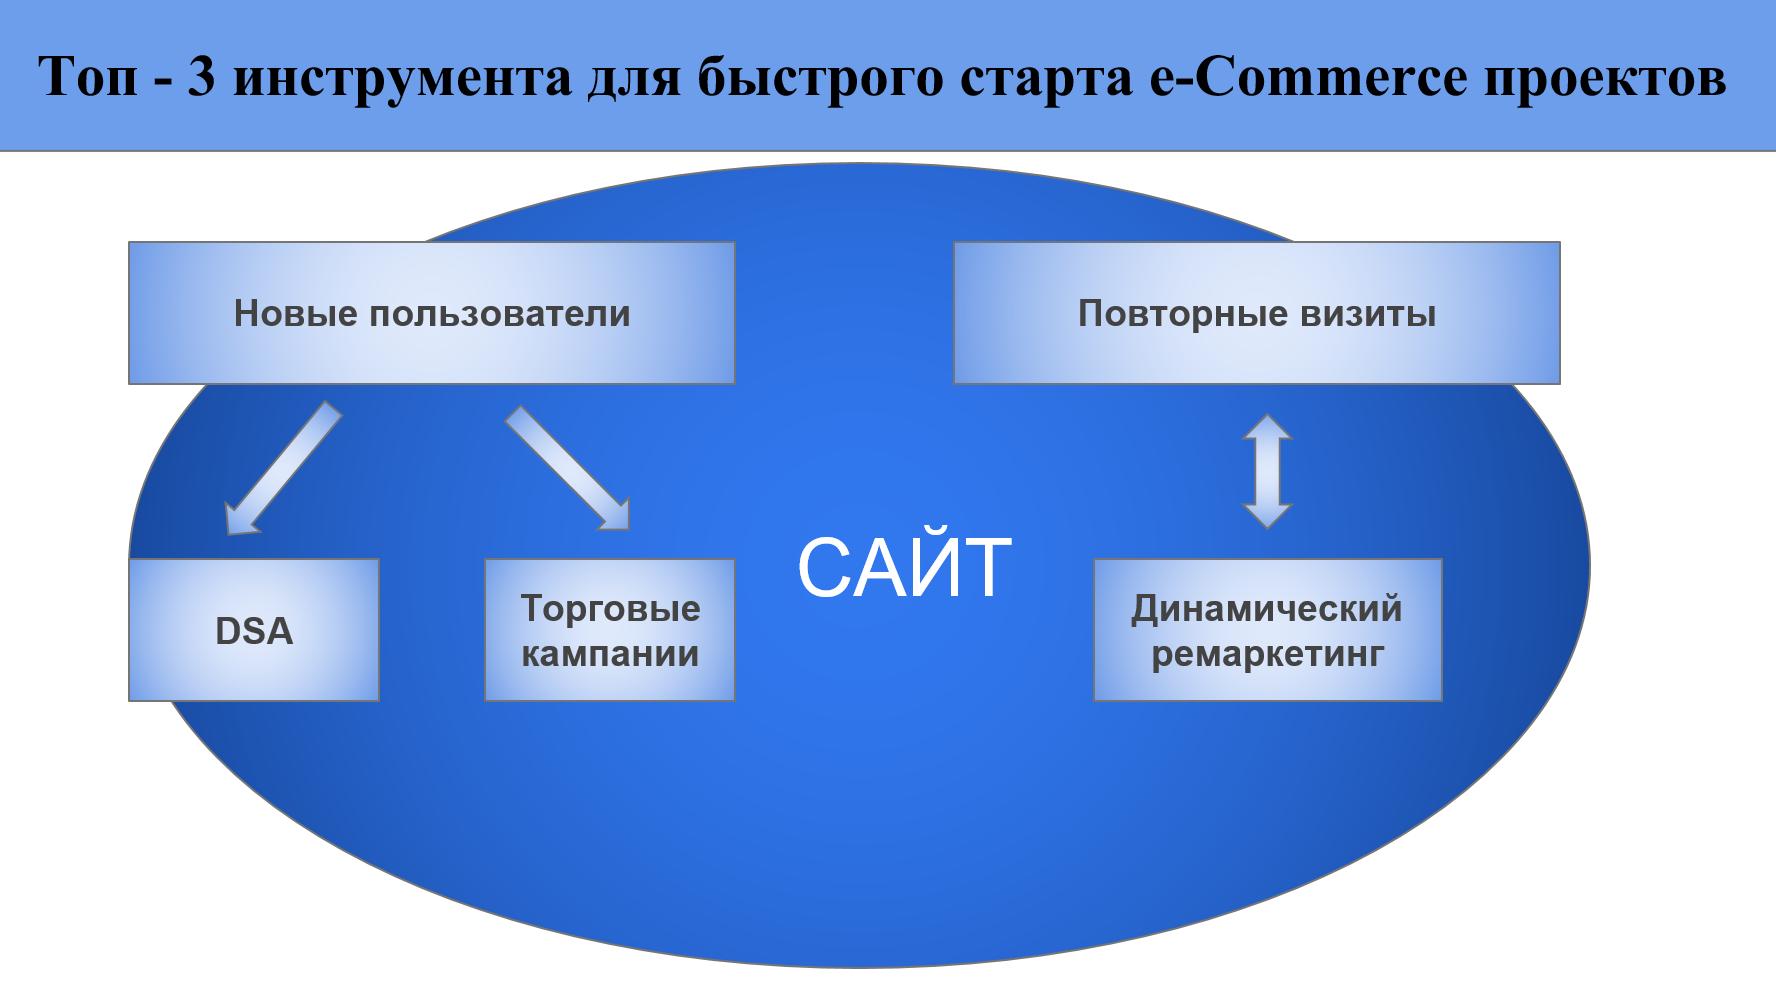 Топ - 3 инструмента для быстрого старта e-commerce проектов